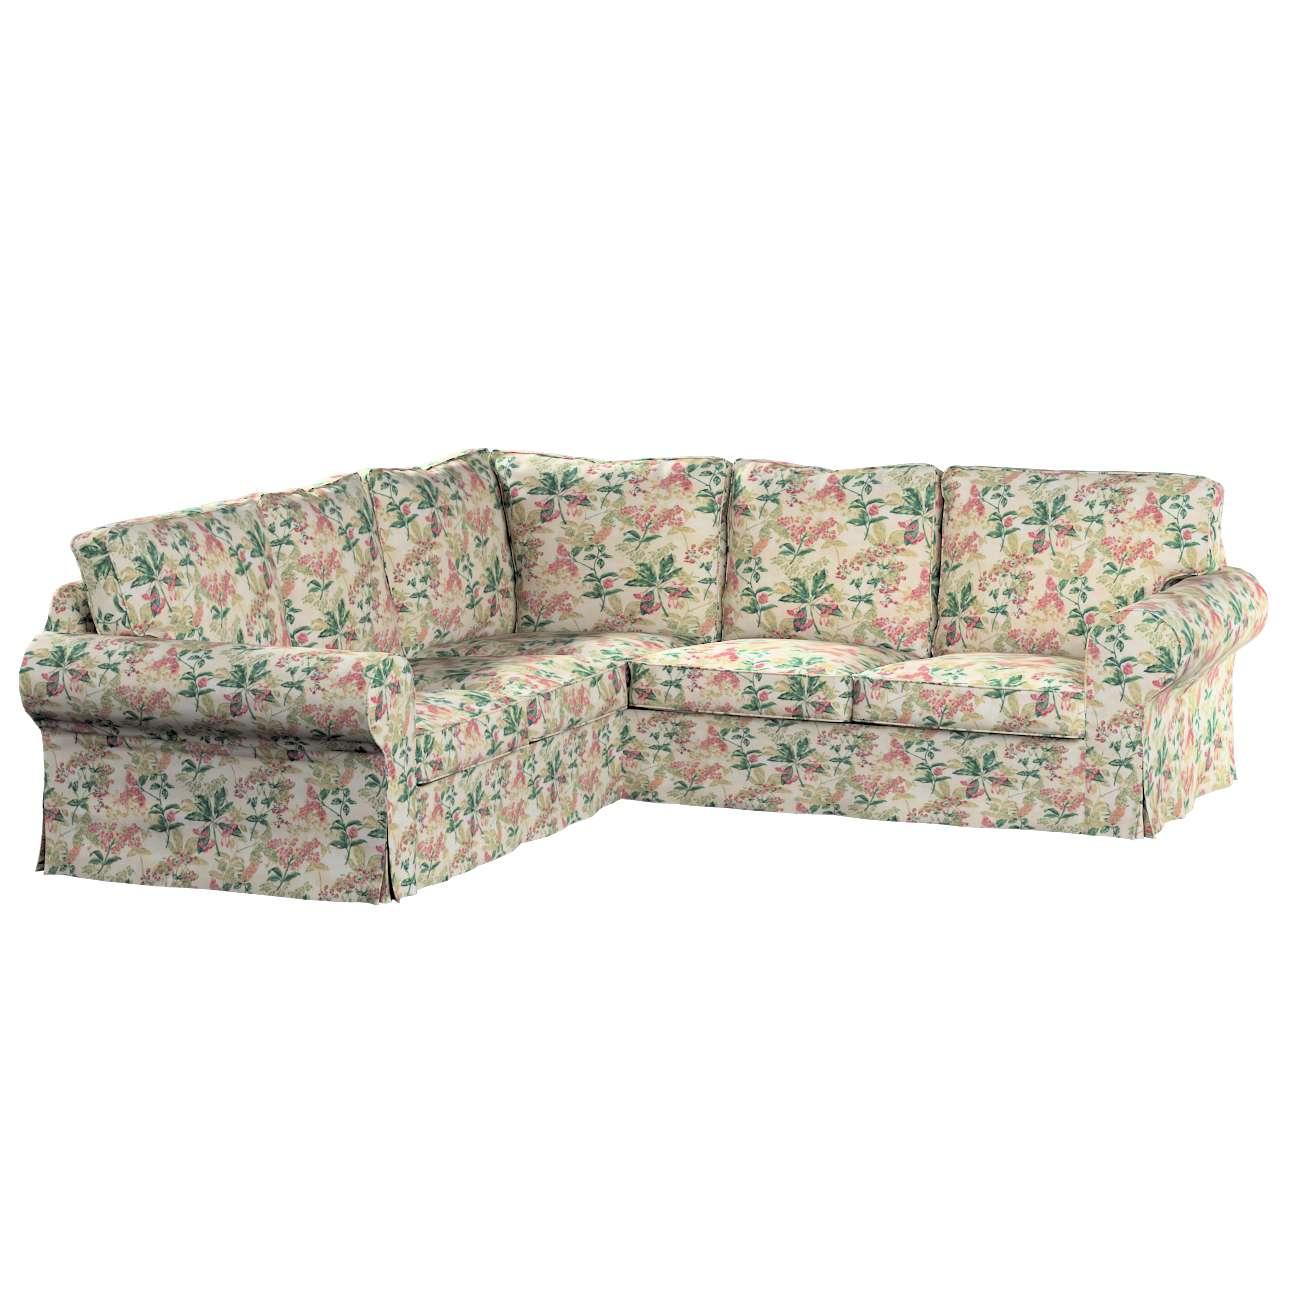 Pokrowiec na sofę narożną Ektorp w kolekcji Londres, tkanina: 143-41